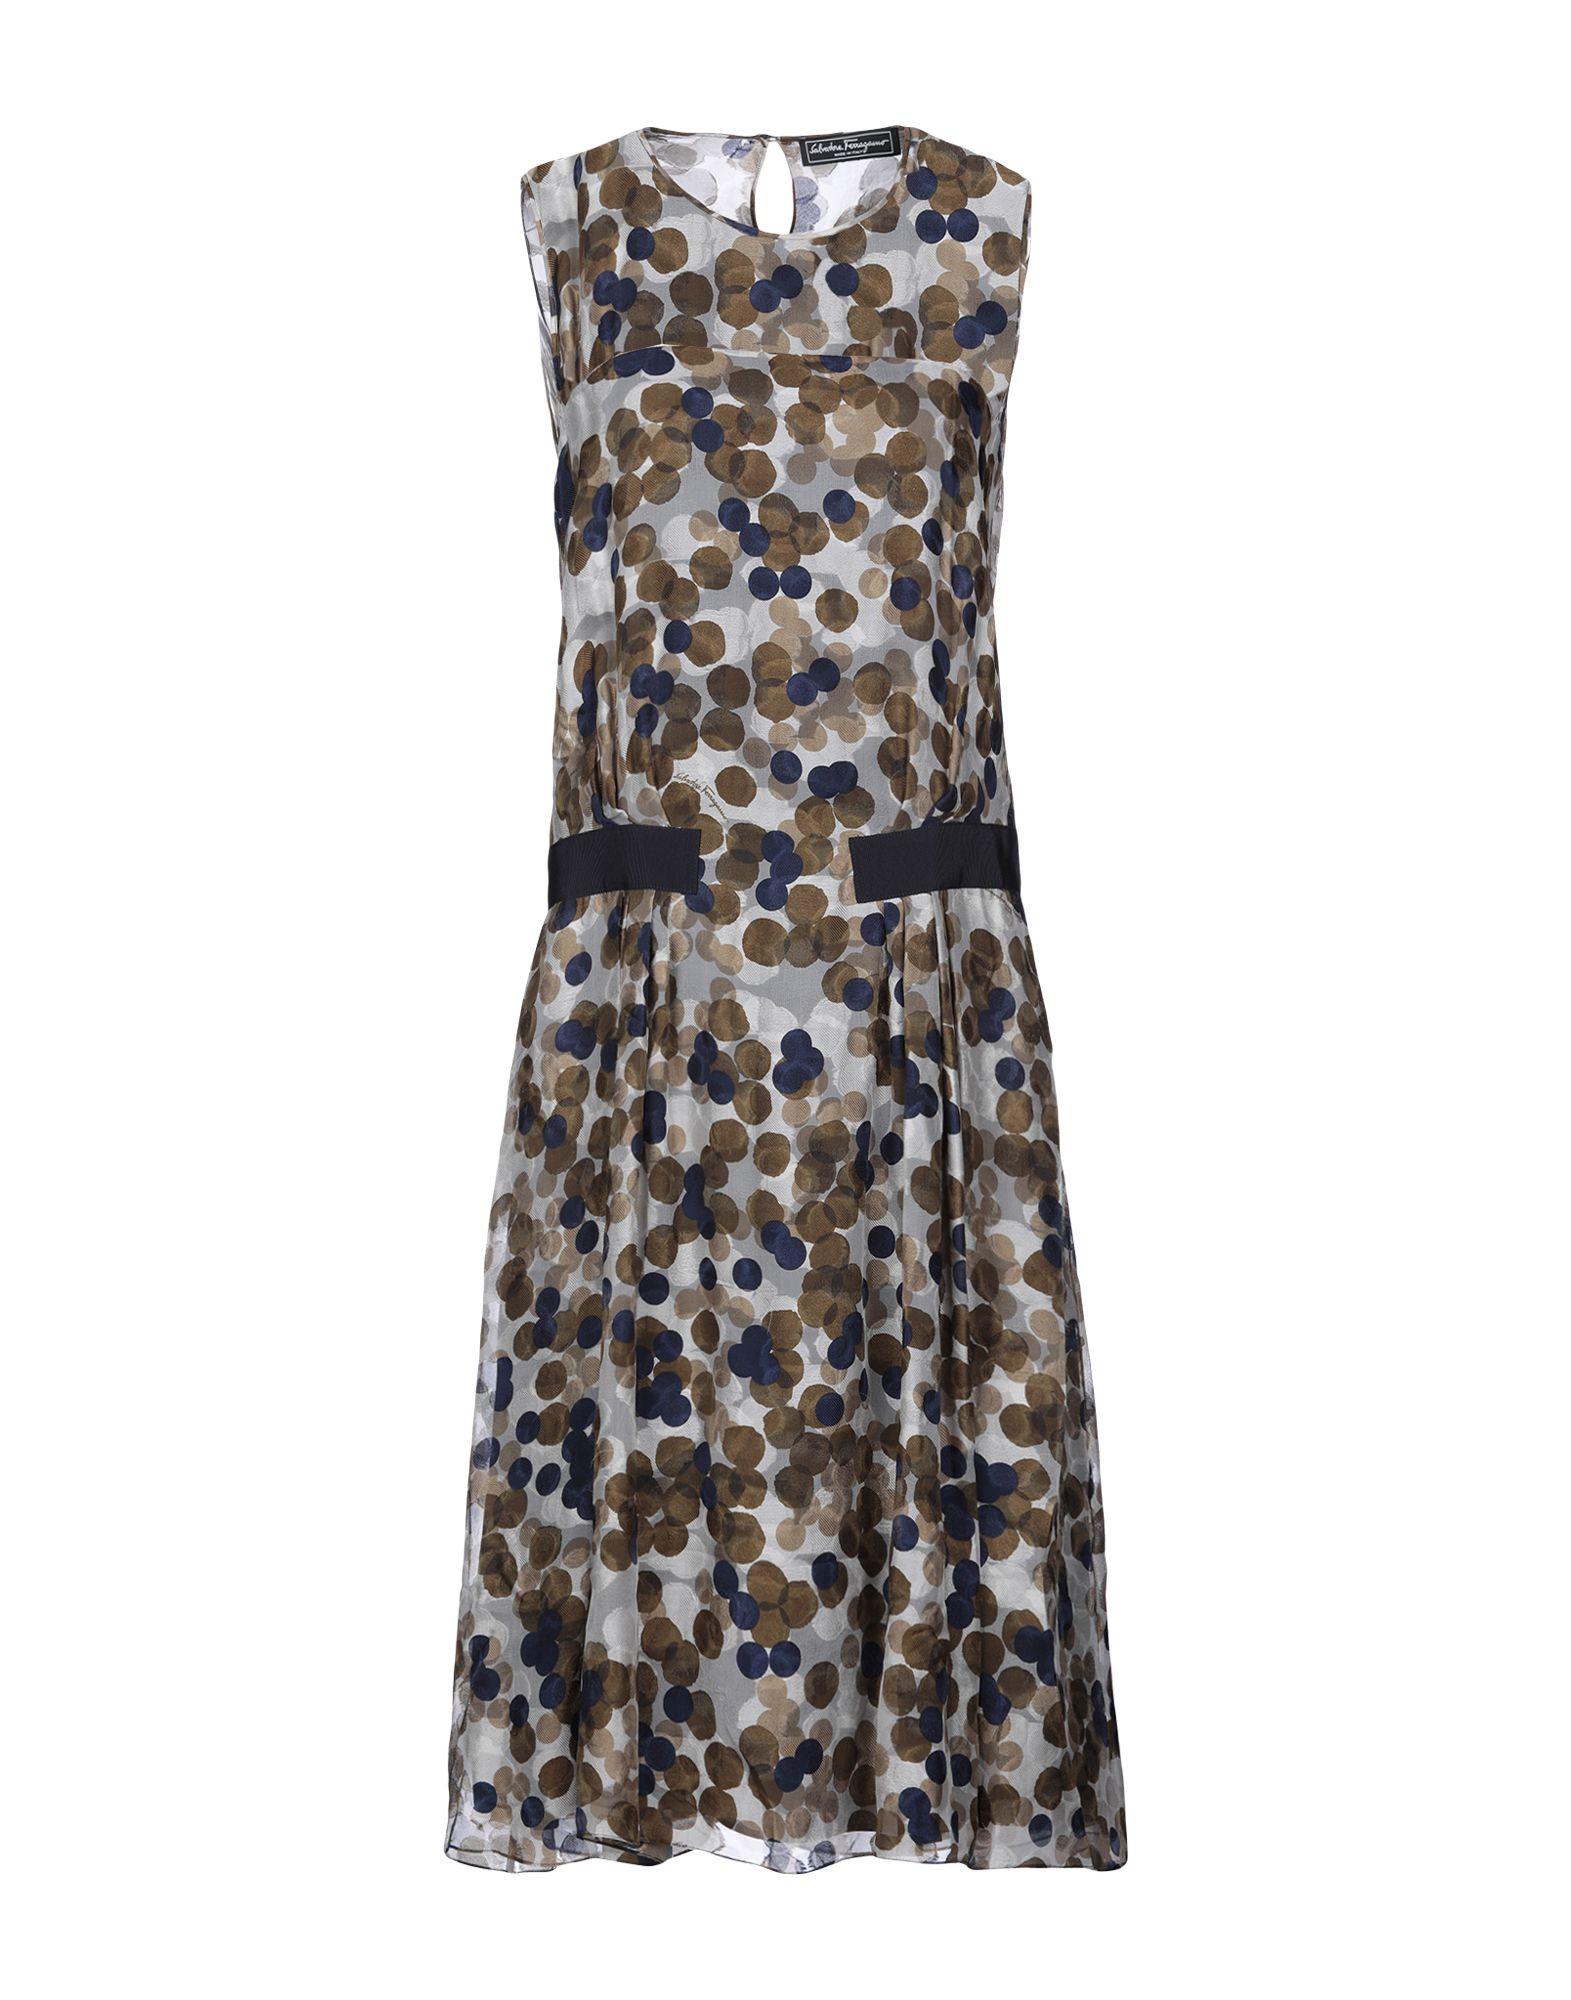 купить SALVATORE FERRAGAMO Платье до колена по цене 48000 рублей